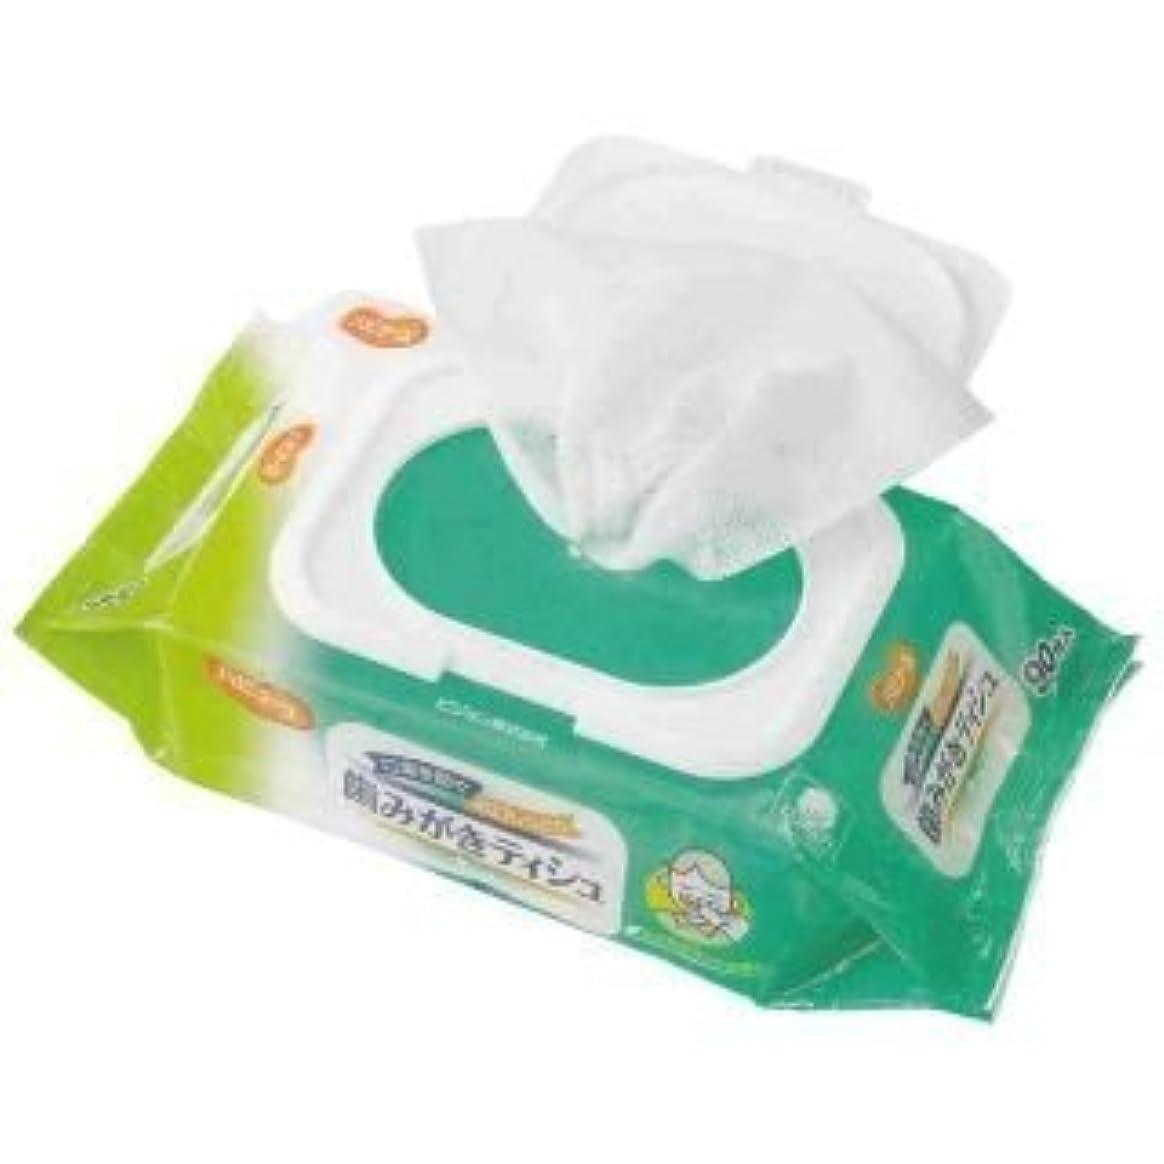 温帯綺麗な下着口臭を防ぐ&お口しっとり!ふきとりやすいコットンメッシュシート!お口が乾燥して、お口の臭いが気になるときに!歯みがきティシュ 90枚入【2個セット】